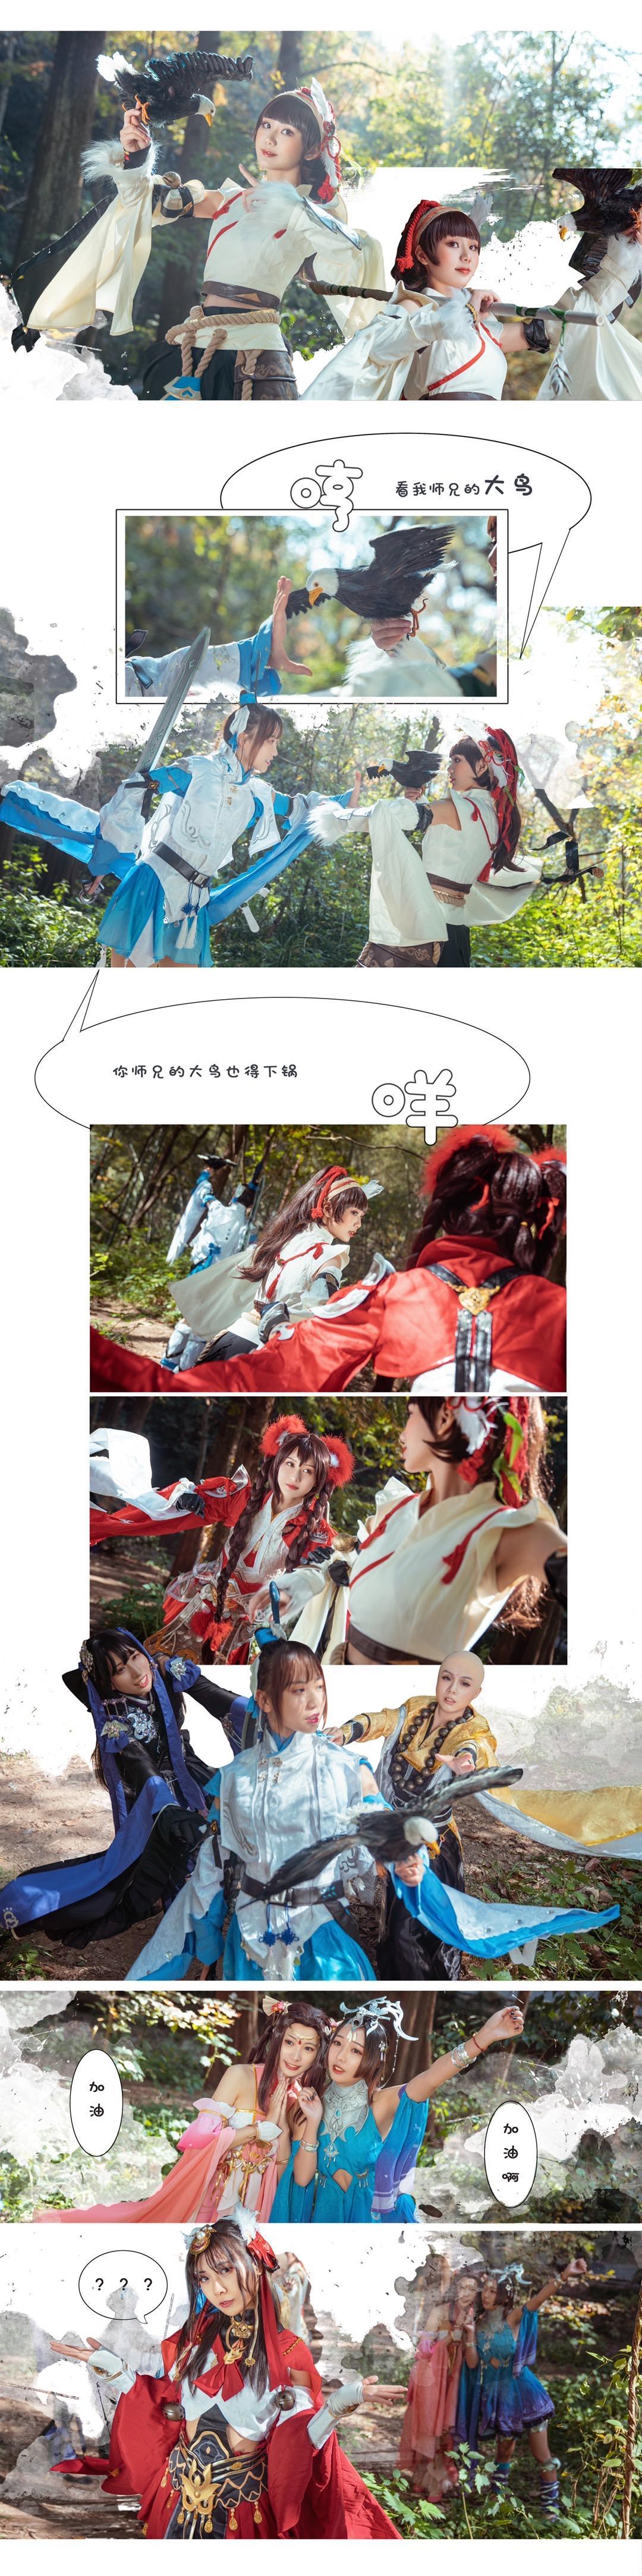 剑三cosplay【CN:师姐羊绒】-第3张